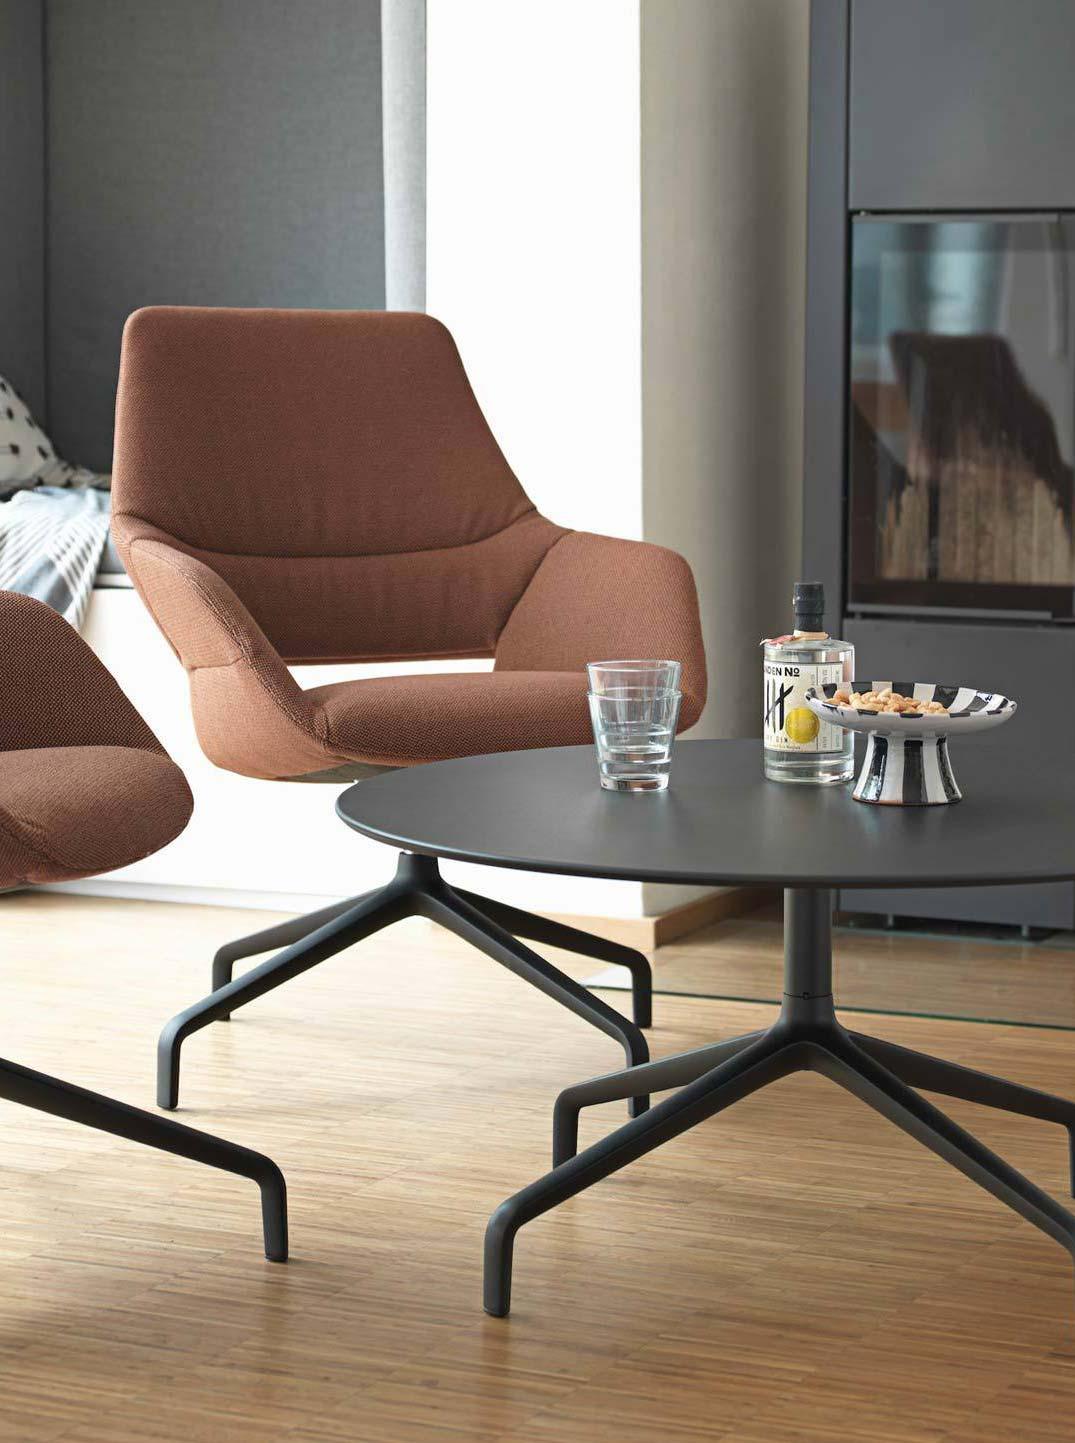 Wilkhahn erweitert sein von jehs+laub entworfenes Sitzmöbelprogramm